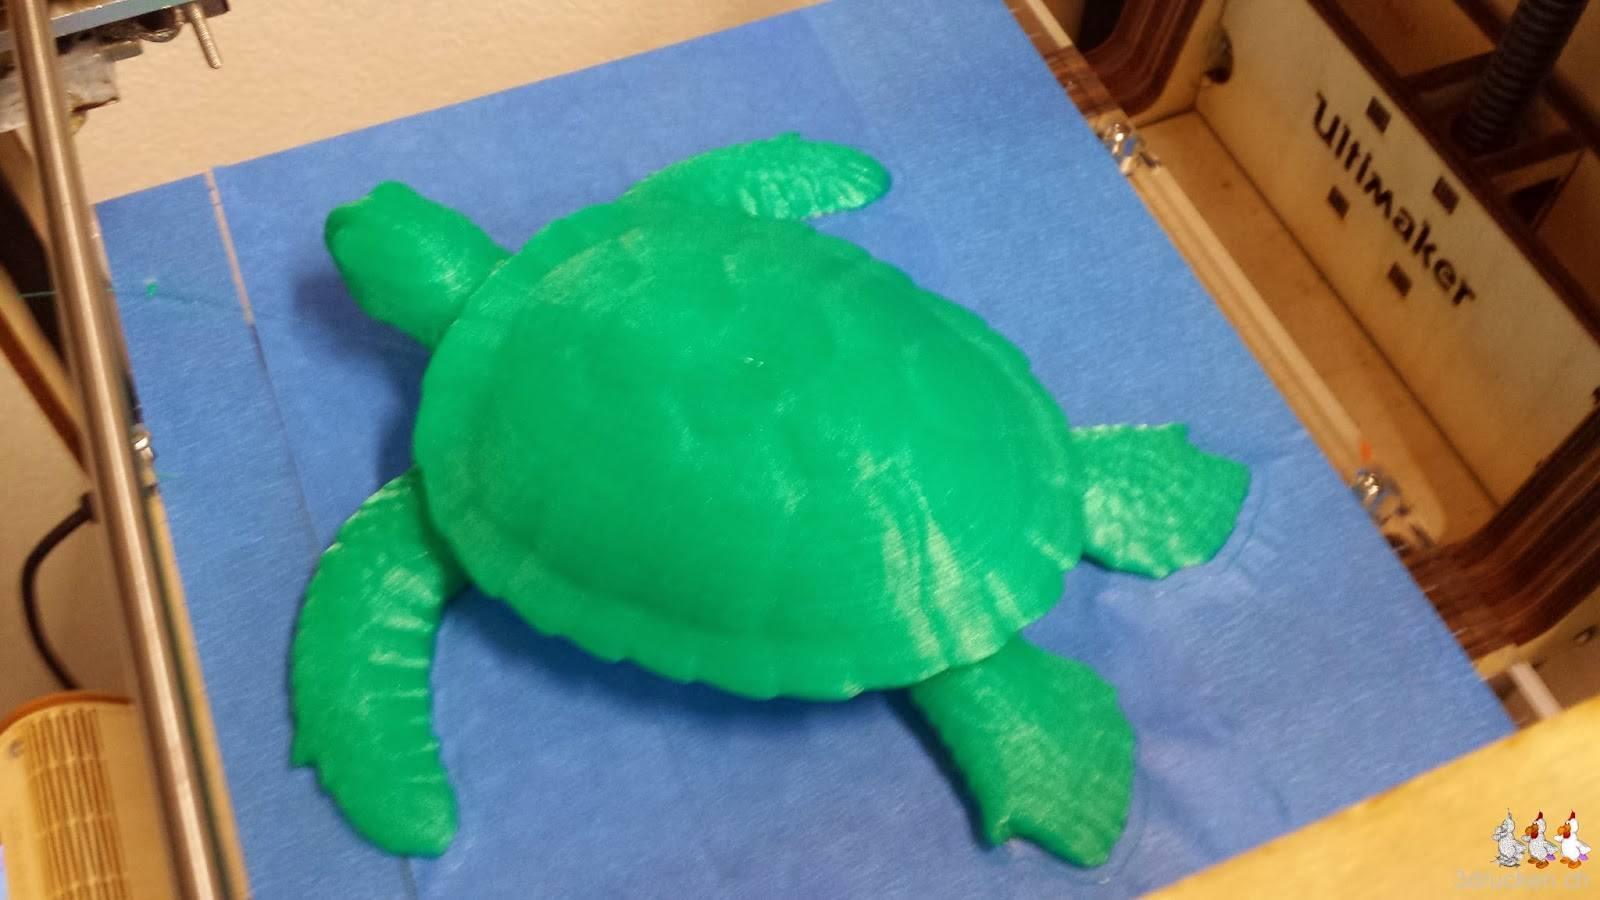 Foto der erfolgreich gedruckten Schildkröte auf dem Ultimaker Original von oben aufgenommen